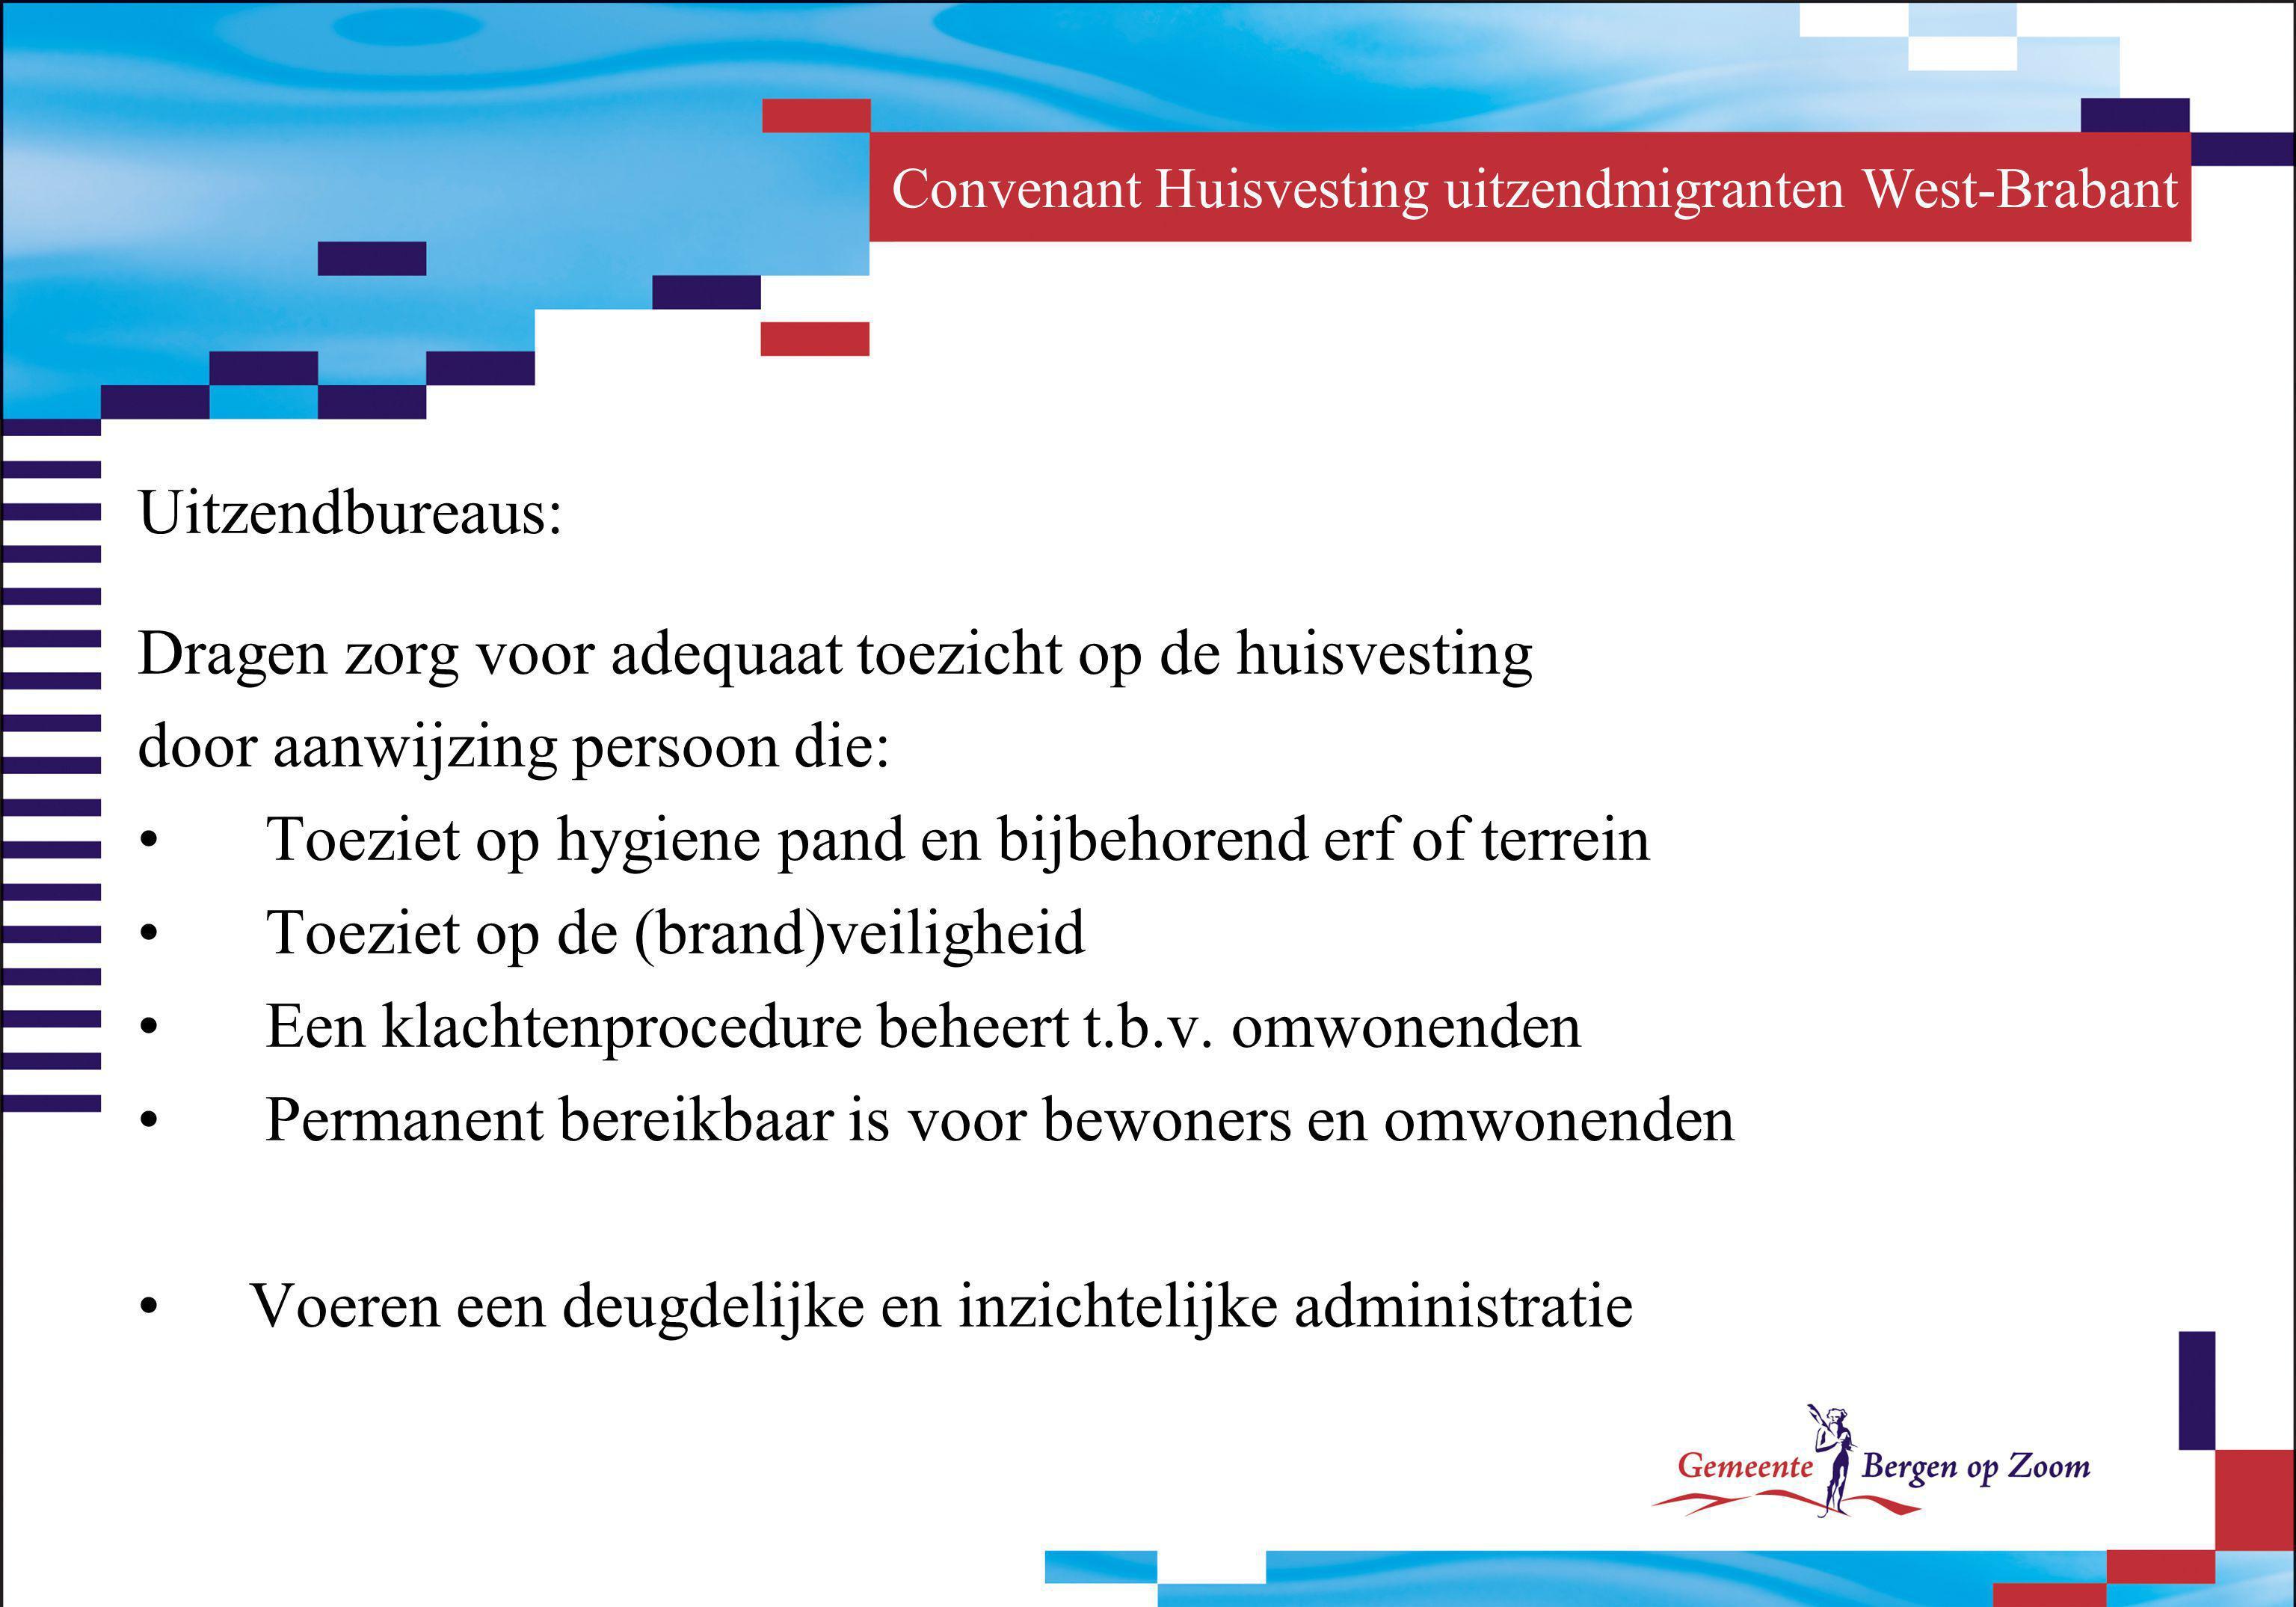 Convenant Huisvesting uitzendmigranten West-Brabant Uitzendbureaus: Dragen zorg voor adequaat toezicht op de huisvesting door aanwijzing persoon die: